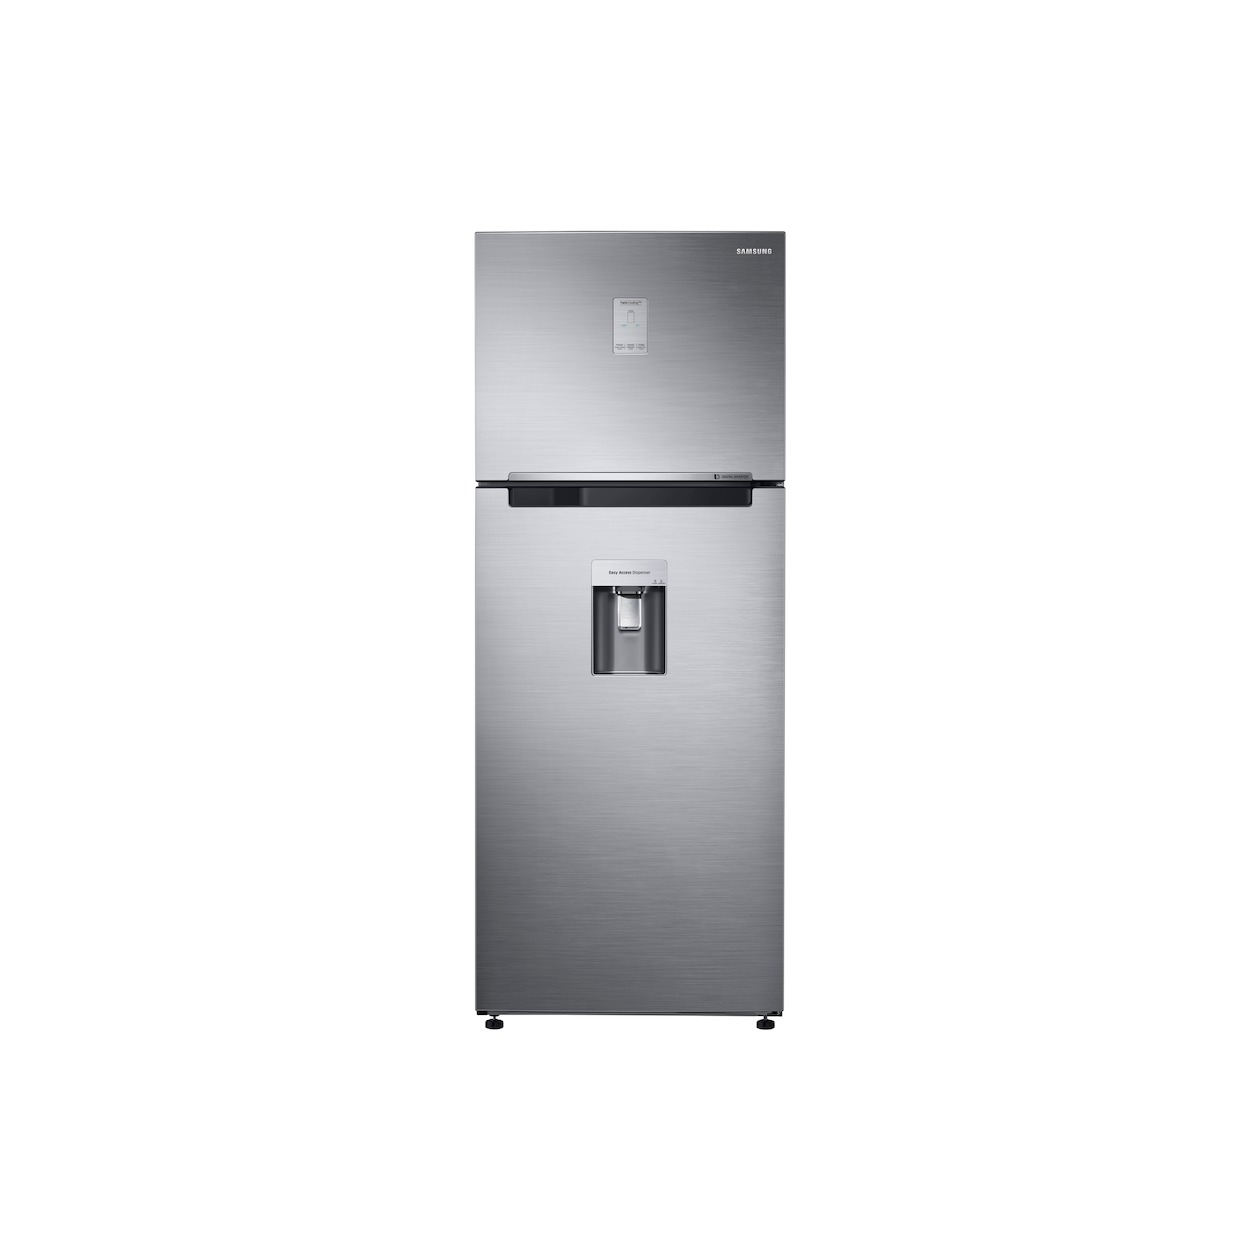 Samsung koelkast met vriesvak RT46K6600S9 - Prijsvergelijk